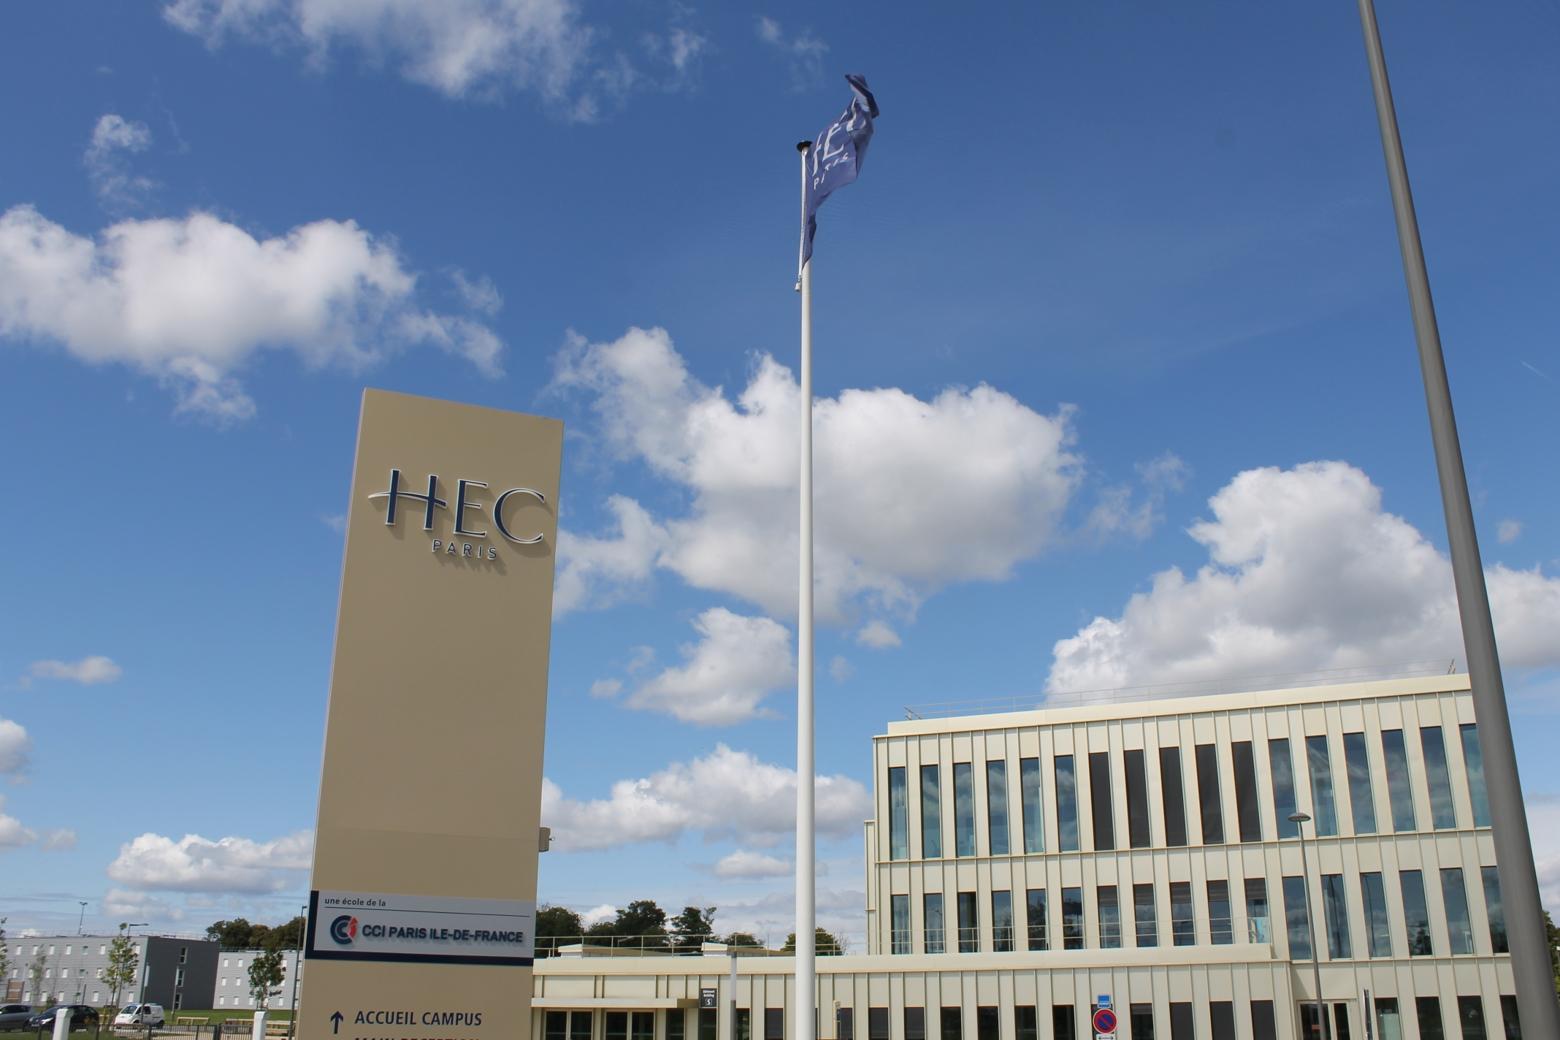 HEC_Paris_entrée_爱奇艺.jpg